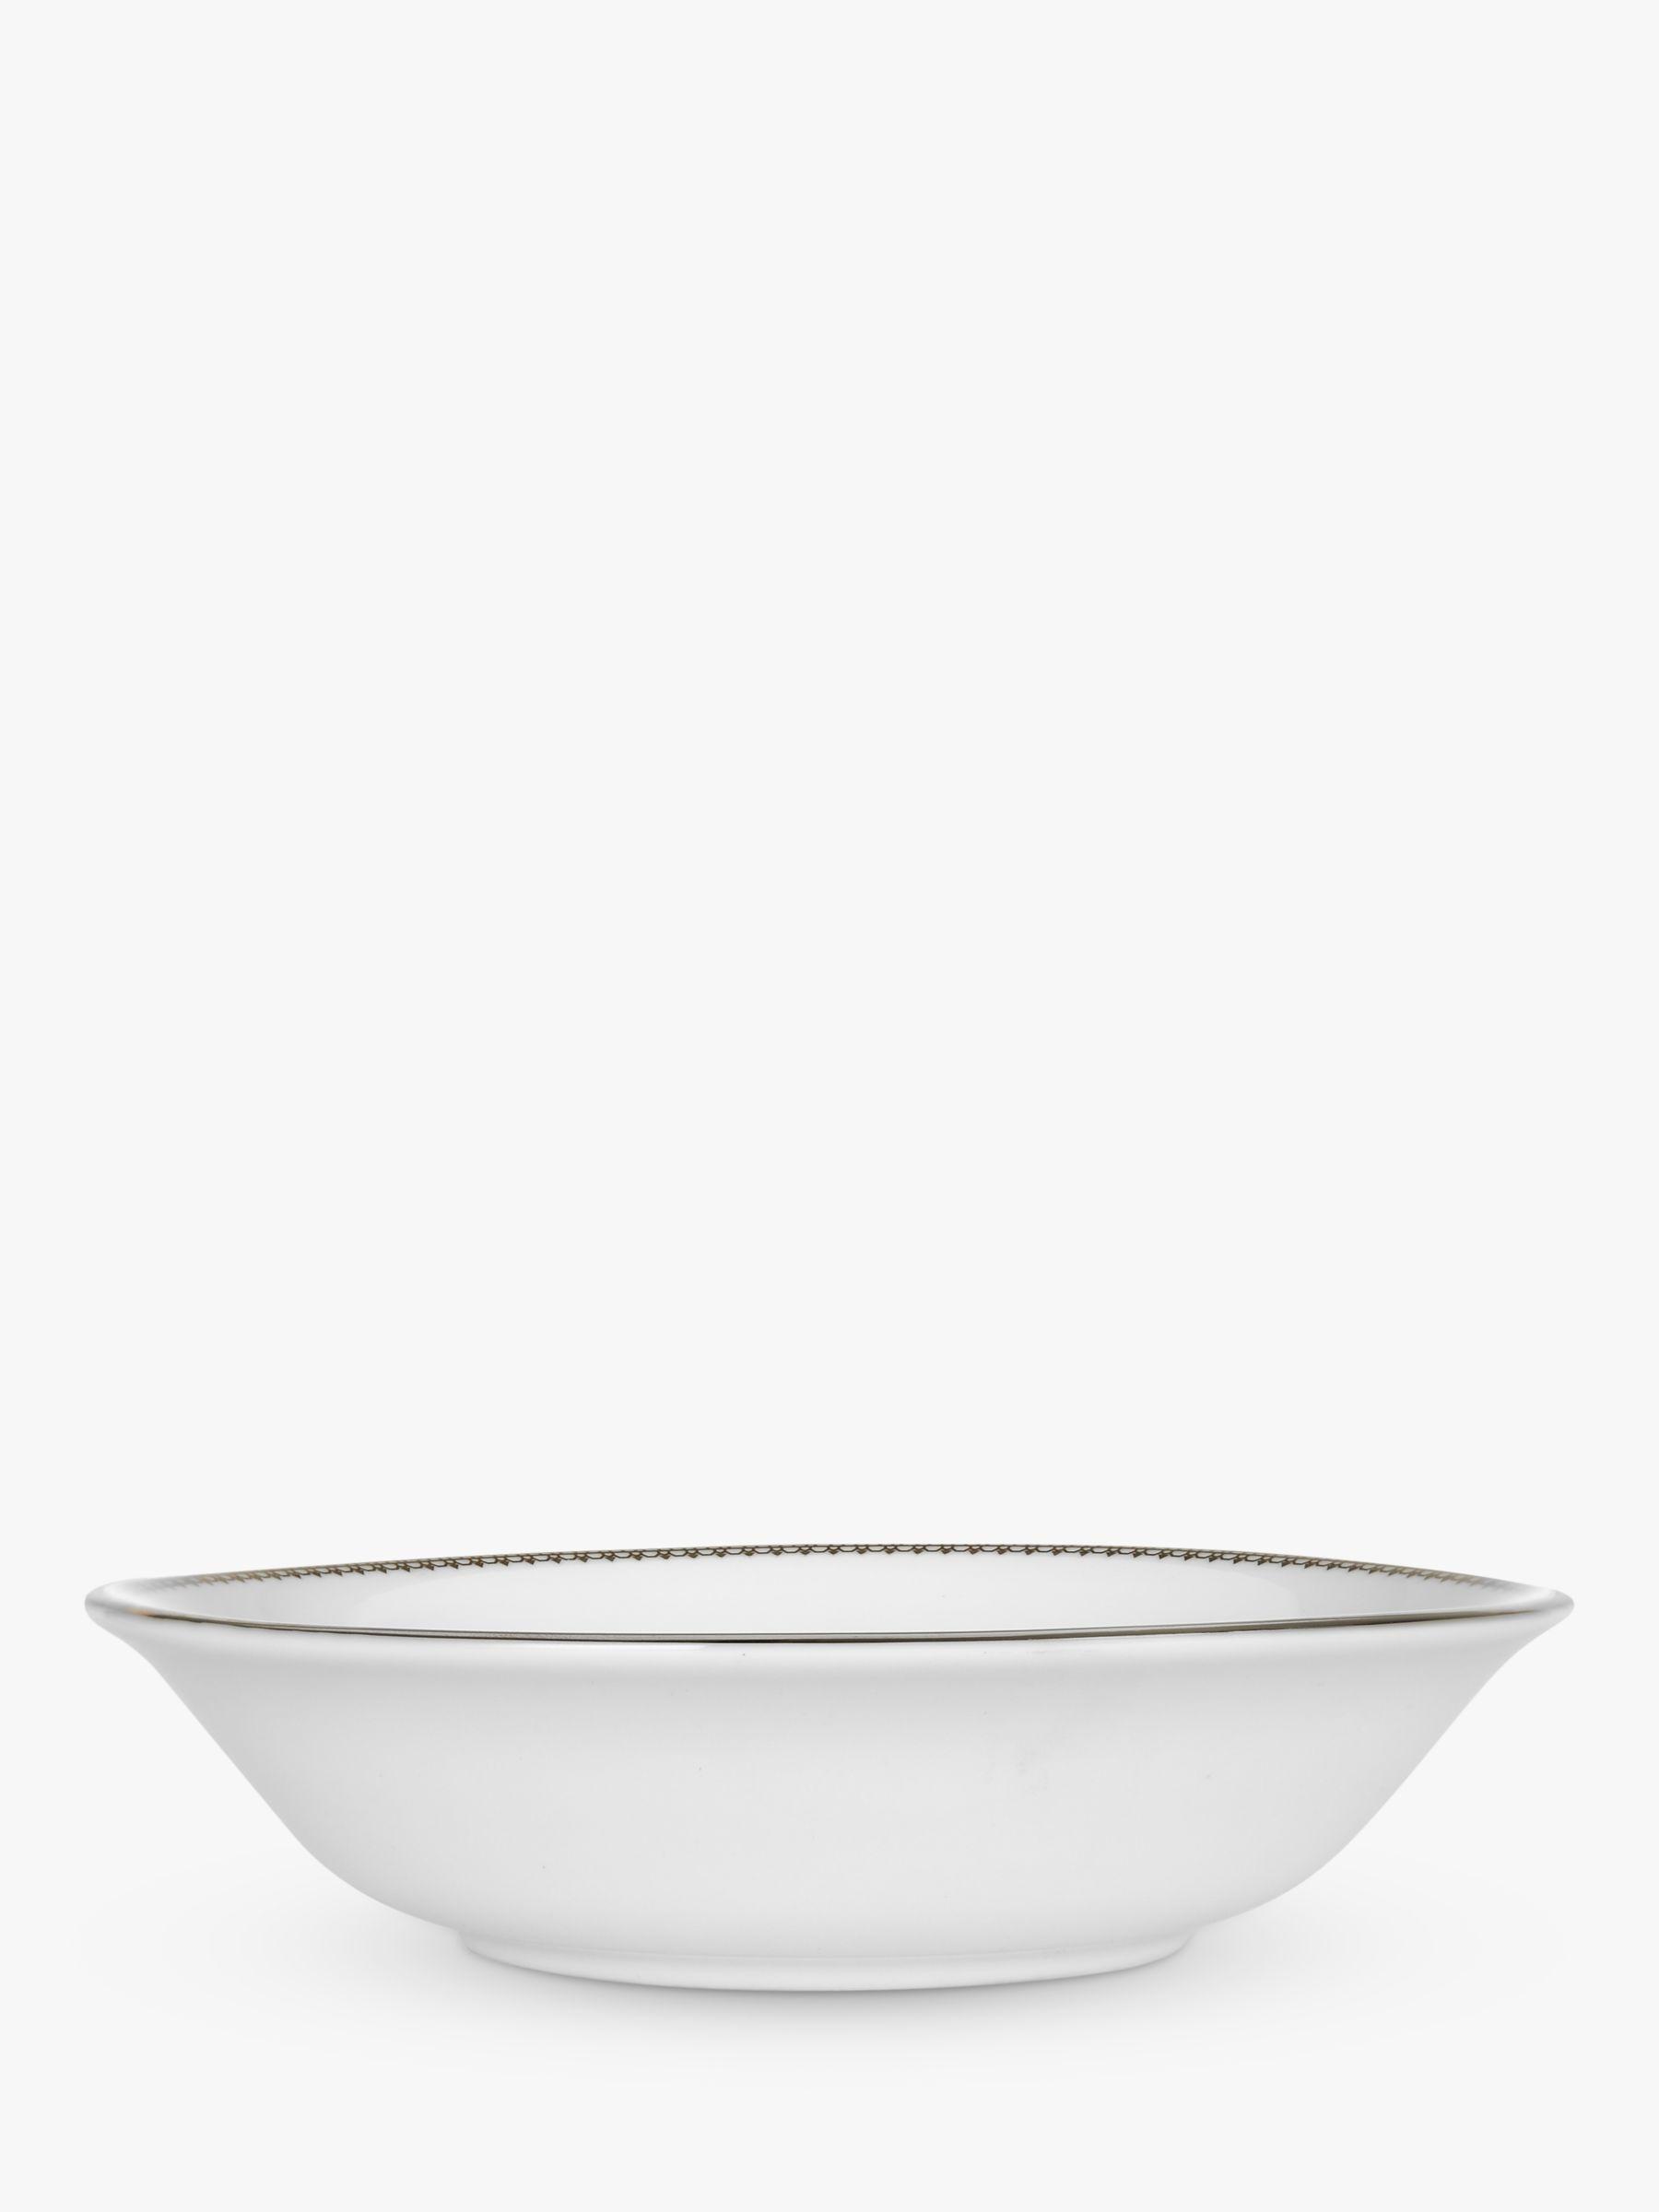 Vera Wang for Wedgwood Vera Wang for Wedgwood Lace Platinum 15cm Cereal Bowl